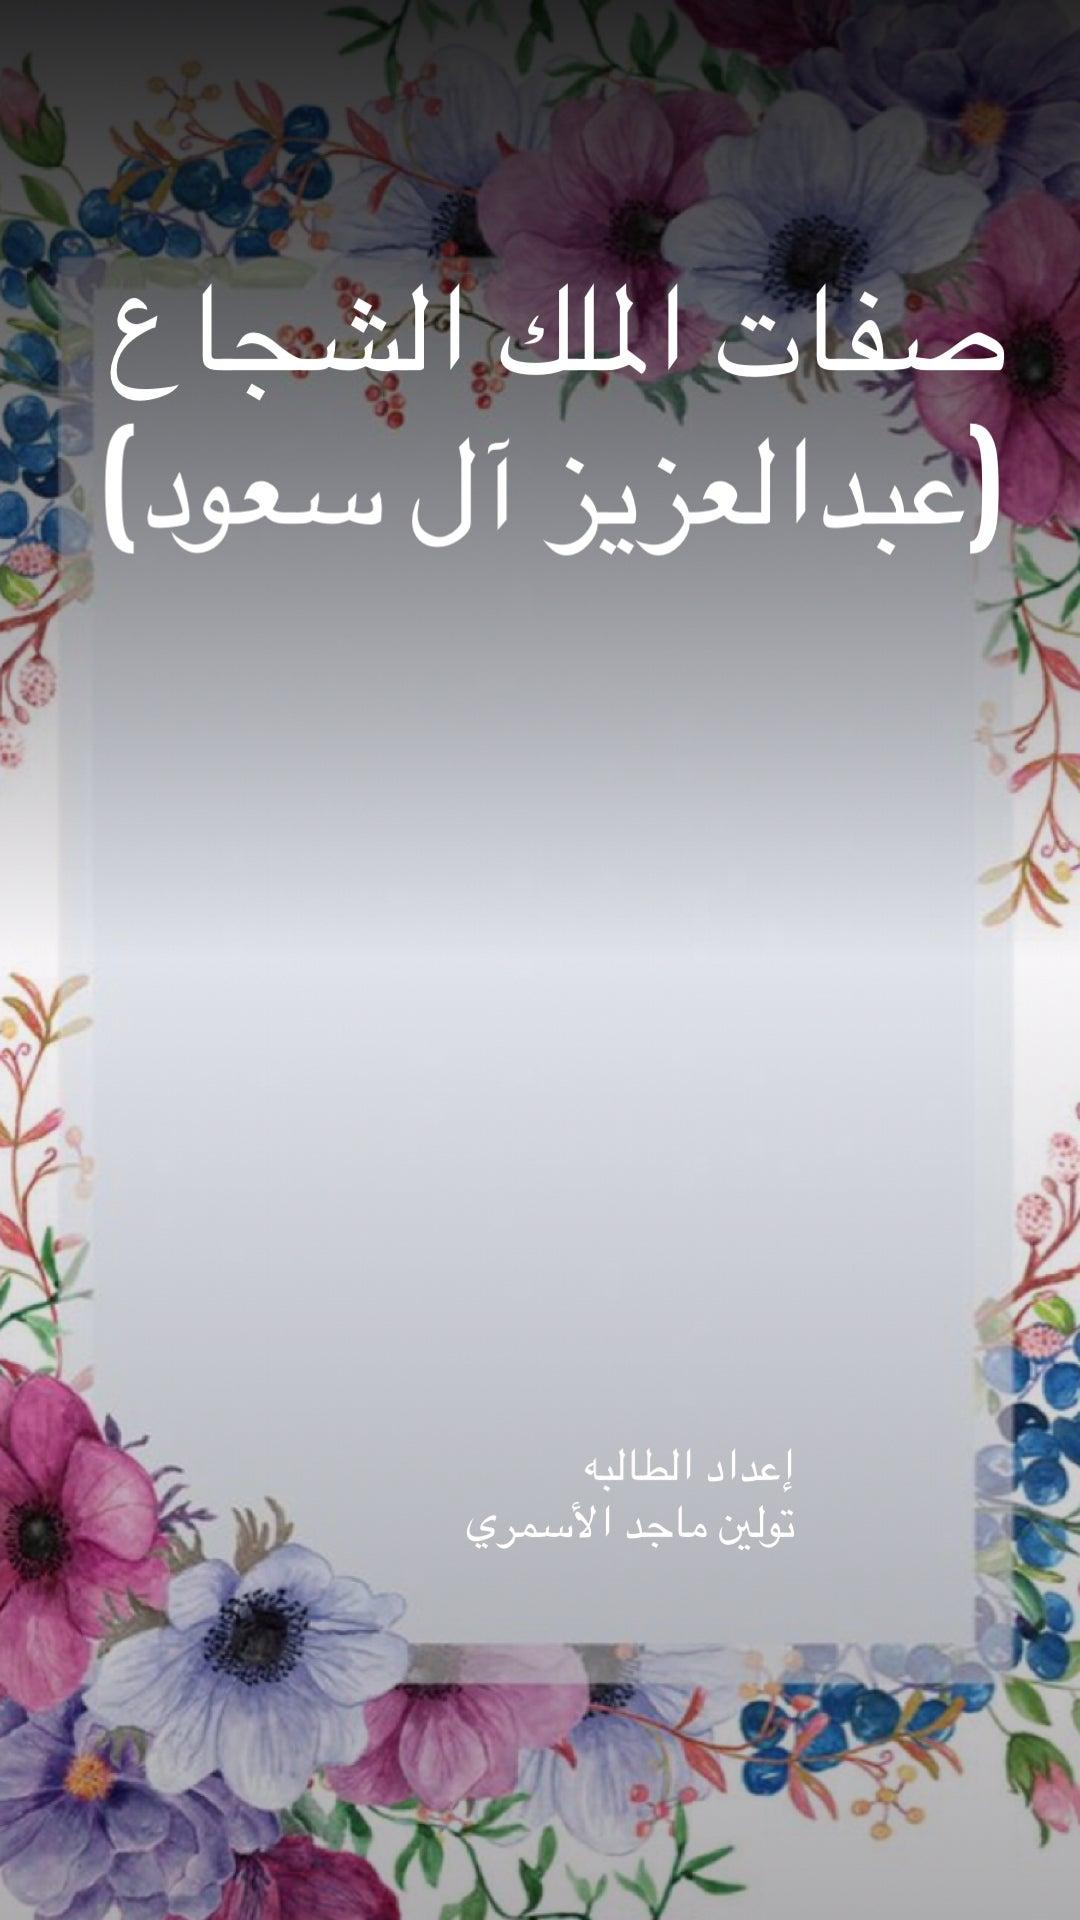 صفات الملك الشجاع عبدالعزيز آل سعود Issuu